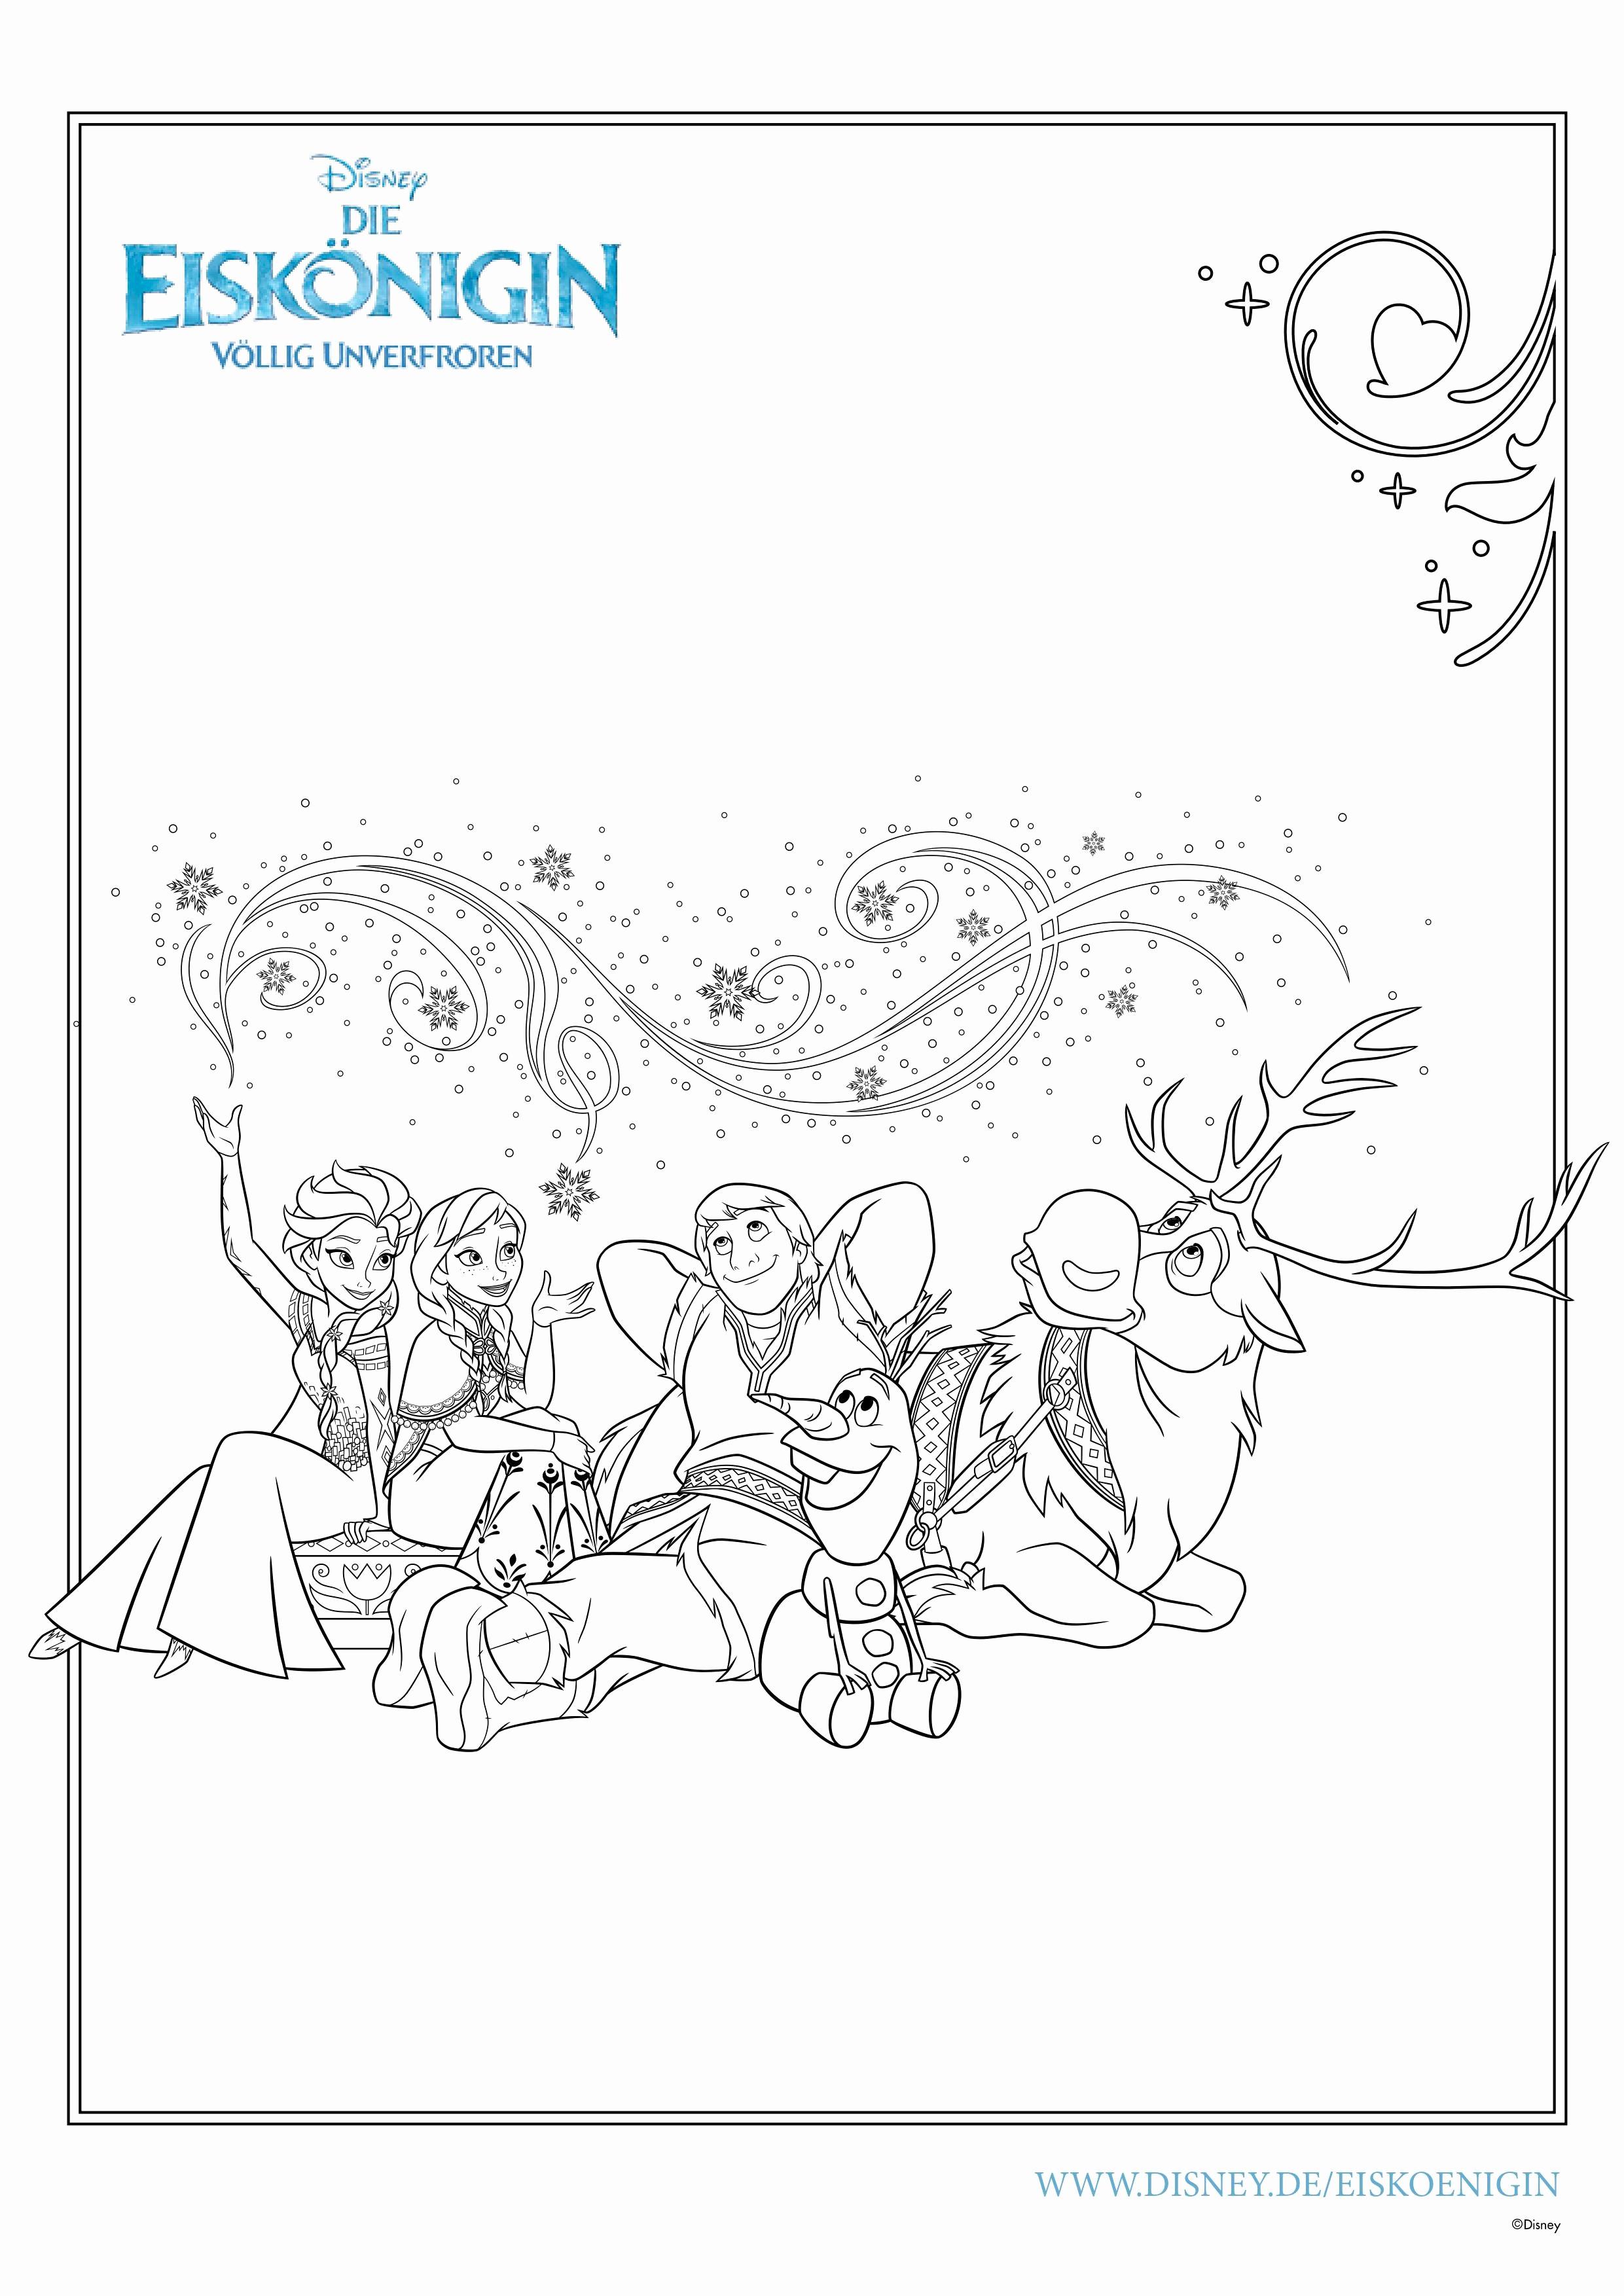 Disney Ausmalbilder Online Ausmalen Genial Anna Und Elsa Ausmalbilder Zum Ausdrucken Genial Stock